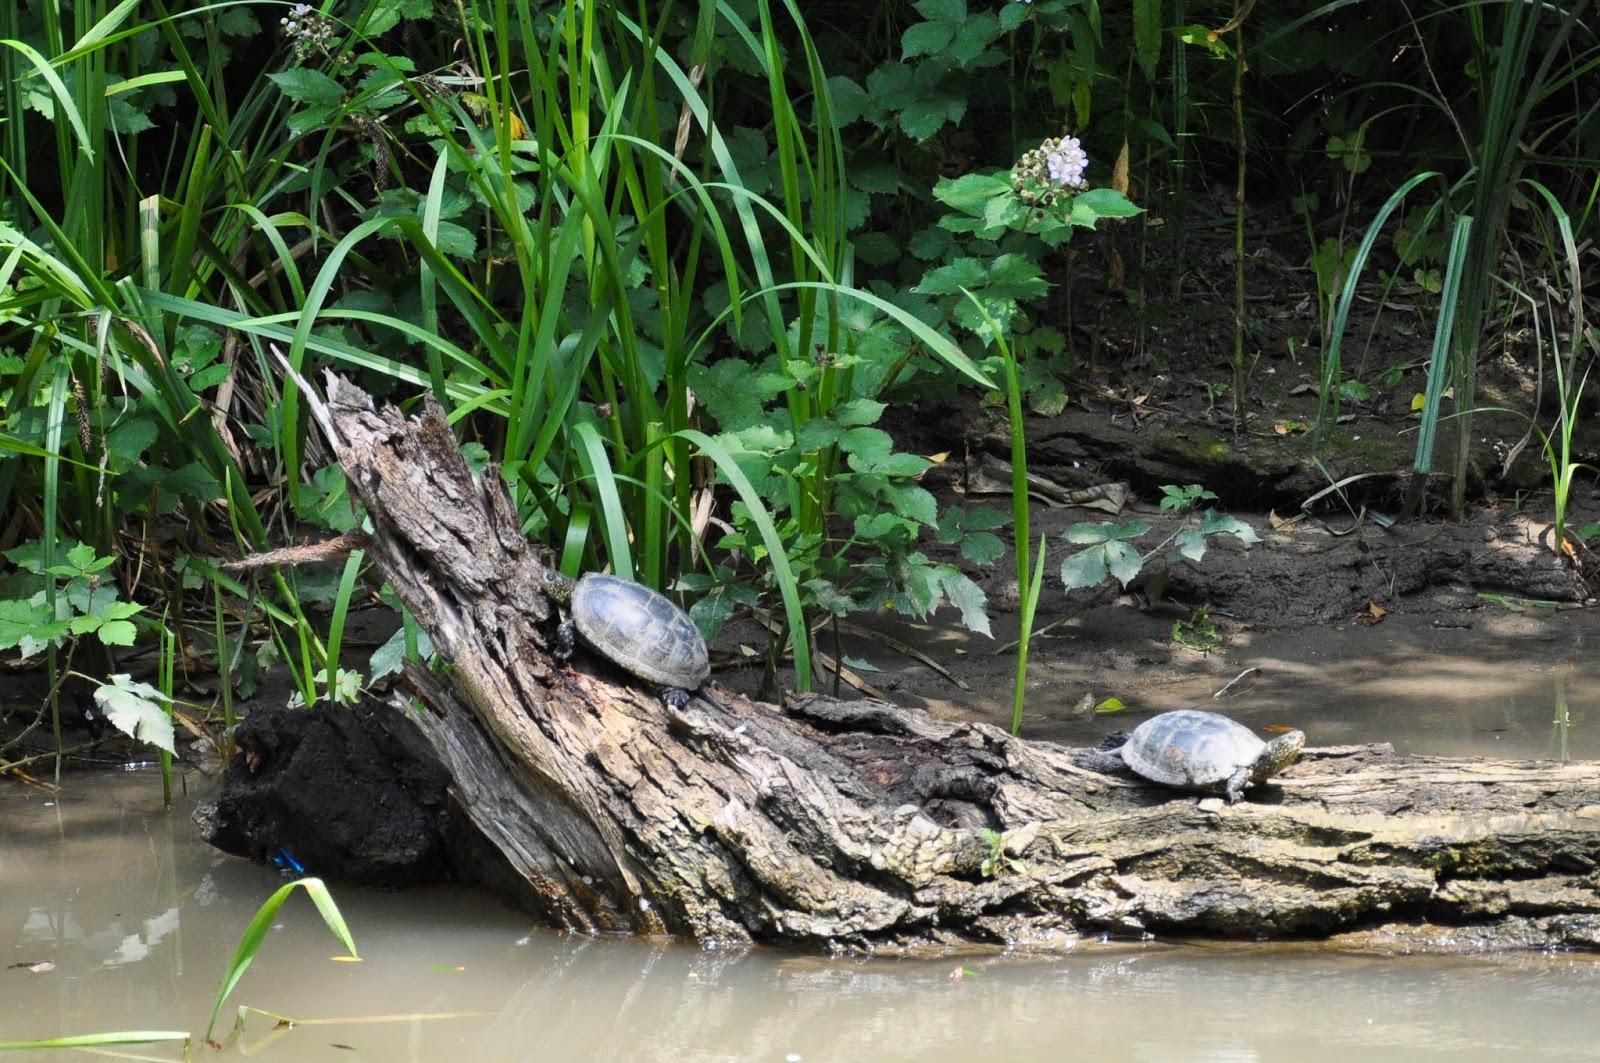 Turtles, the Kamchia river, Bulgaria